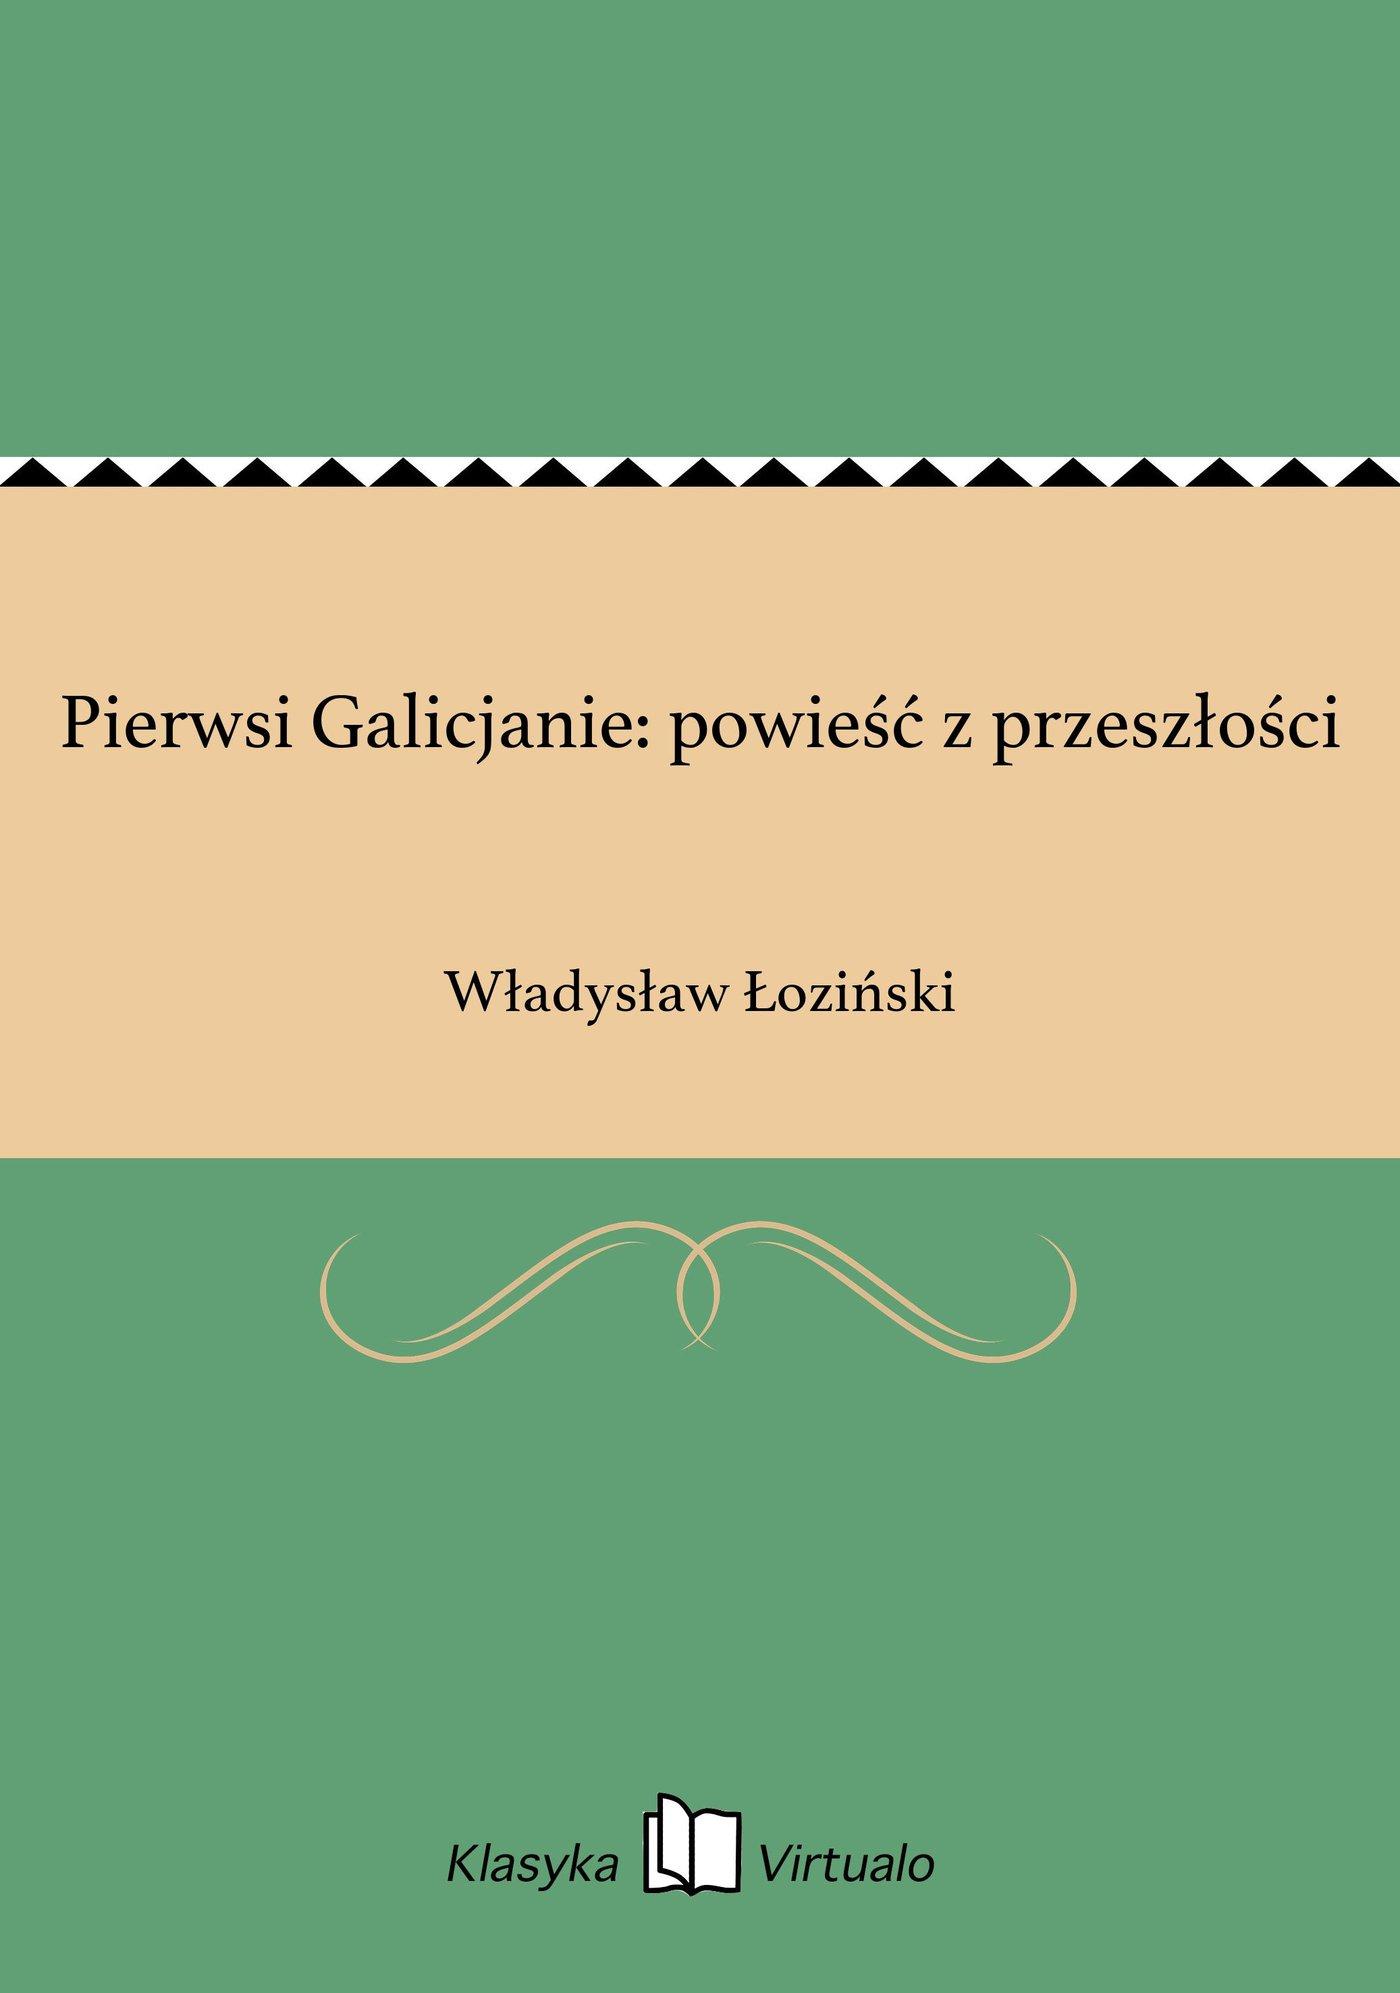 Pierwsi Galicjanie: powieść z przeszłości - Ebook (Książka EPUB) do pobrania w formacie EPUB